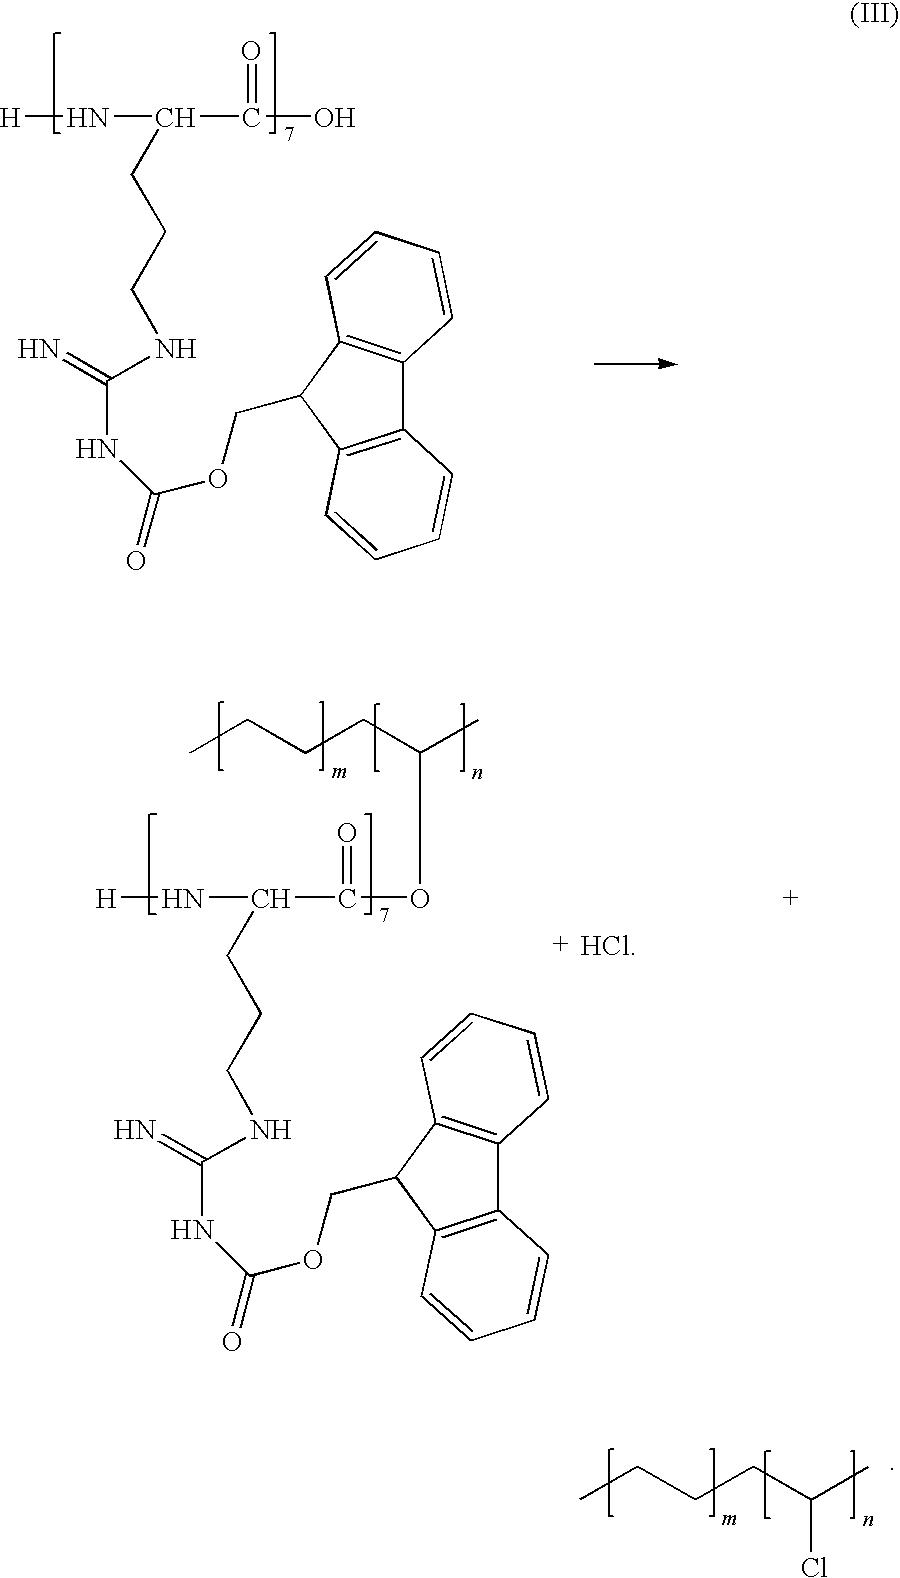 Figure US07803406-20100928-C00002